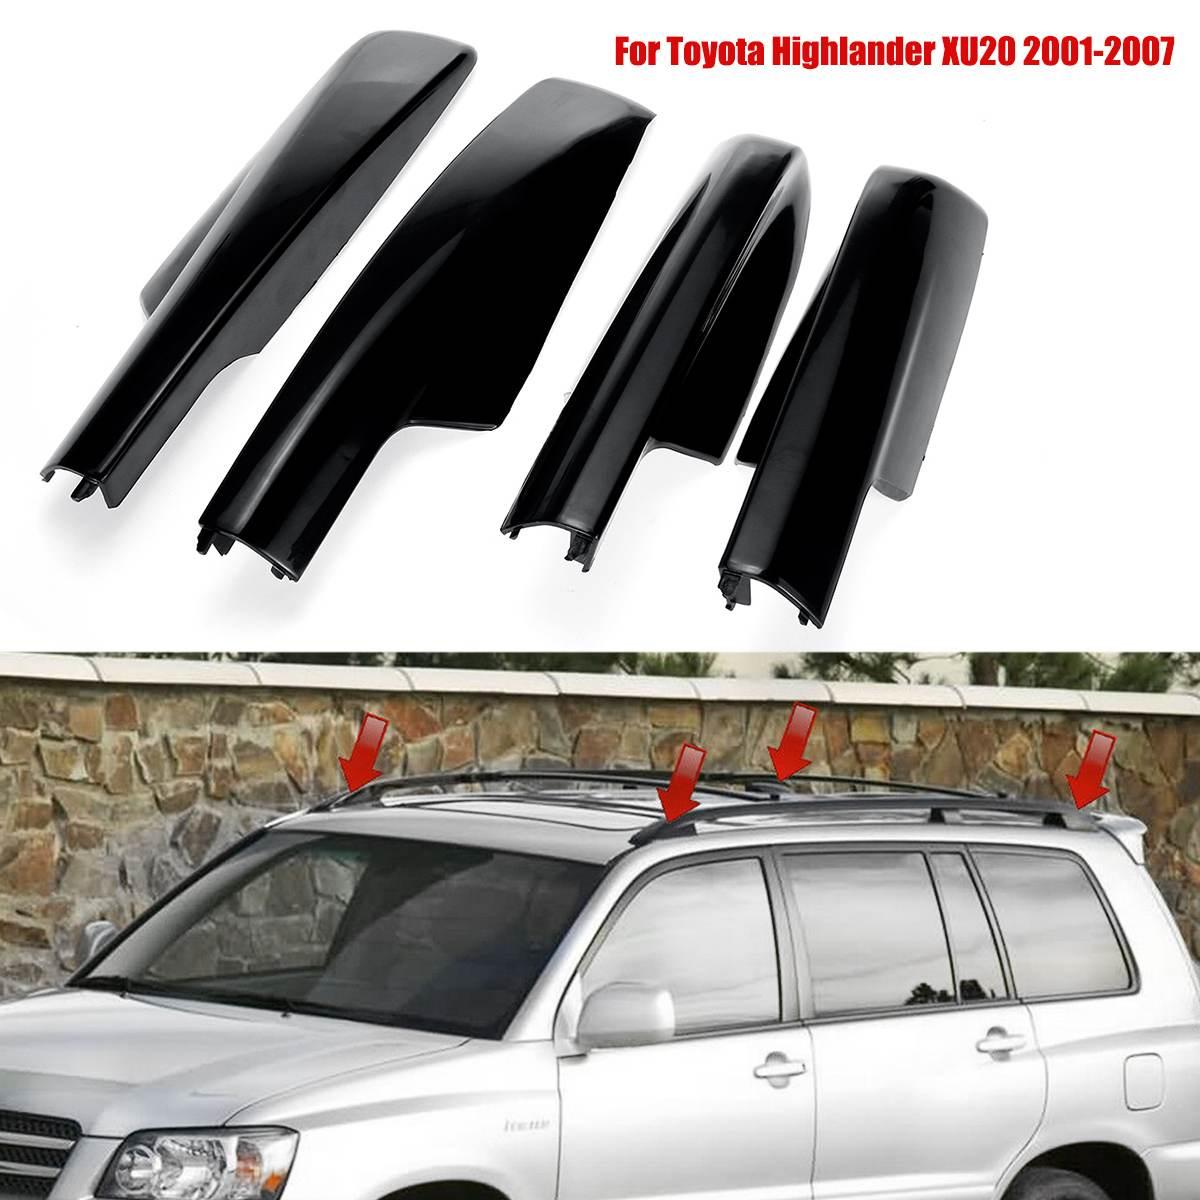 Autoleader 4 piezas cubierta de protección del extremo de la barra del estante del techo para Toyota Highlander XU20 2001-2007 nuevo